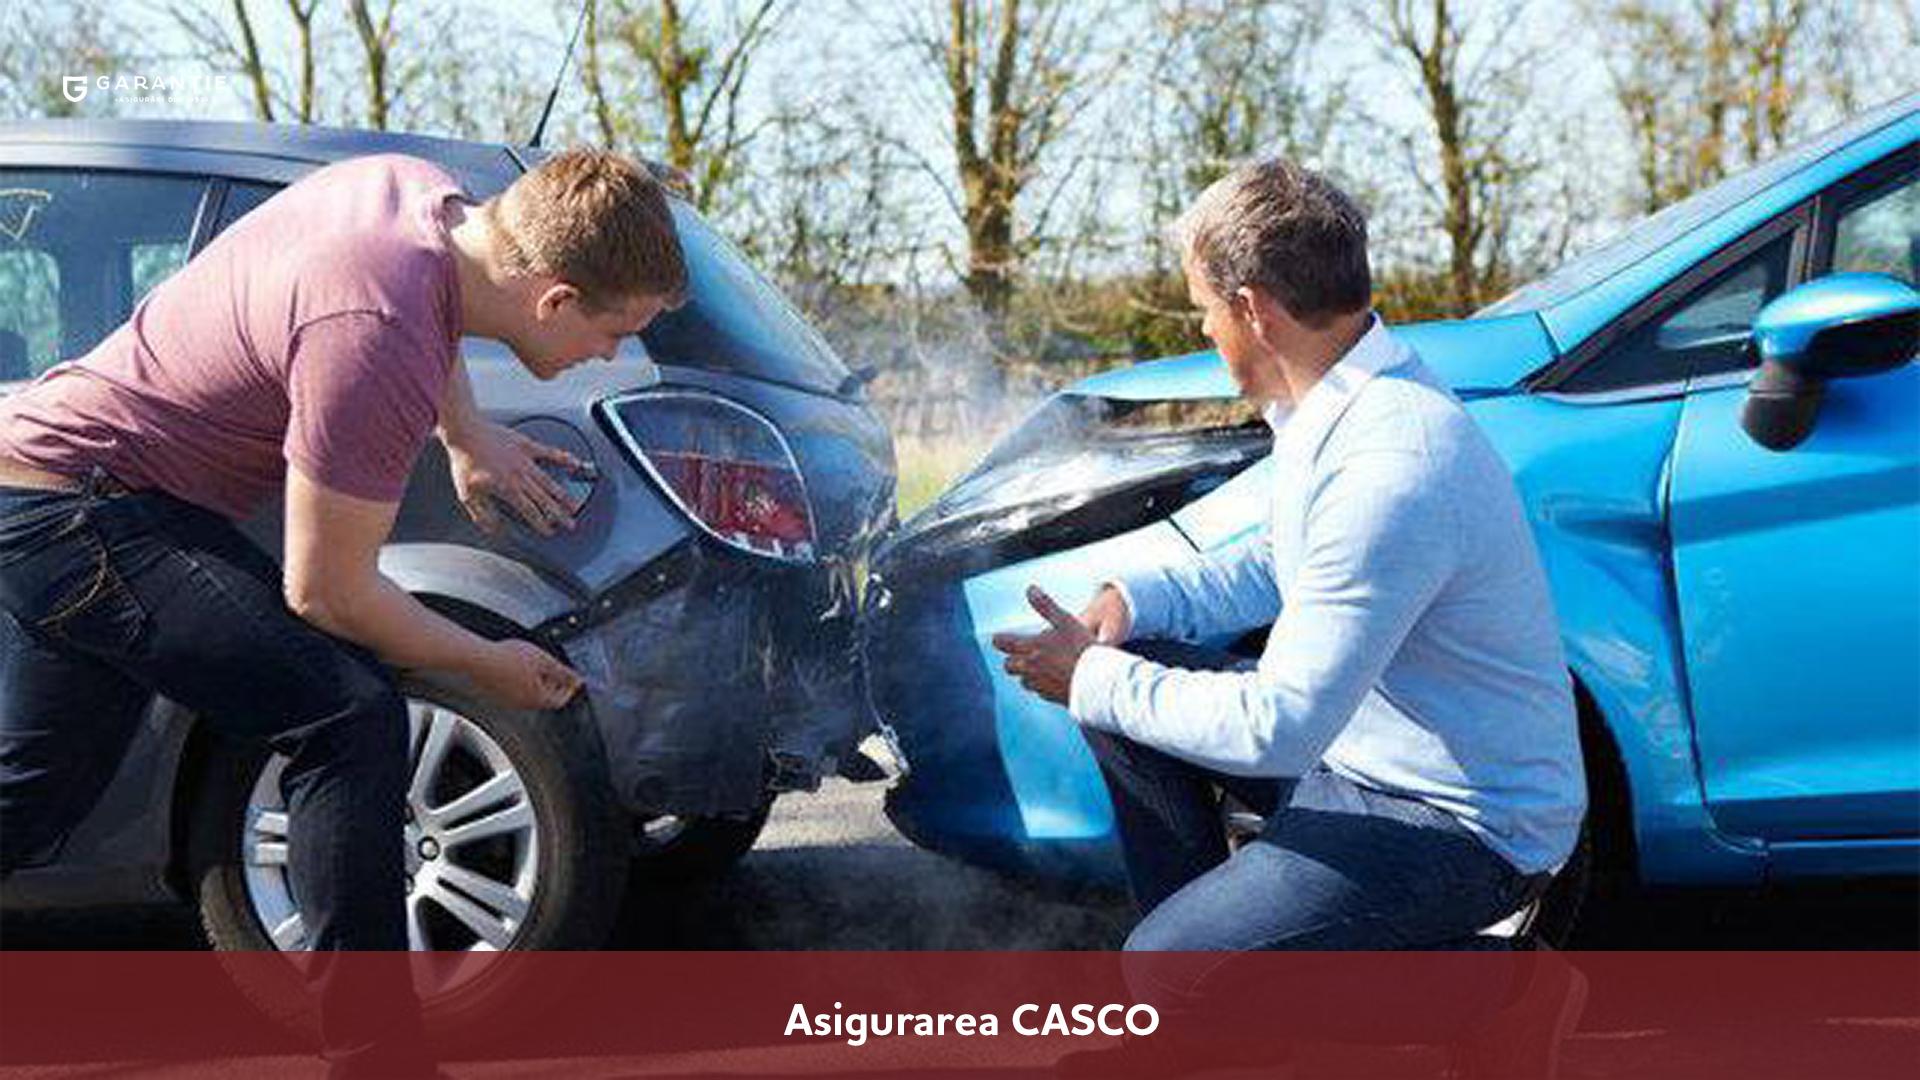 Casco insurance, what is it